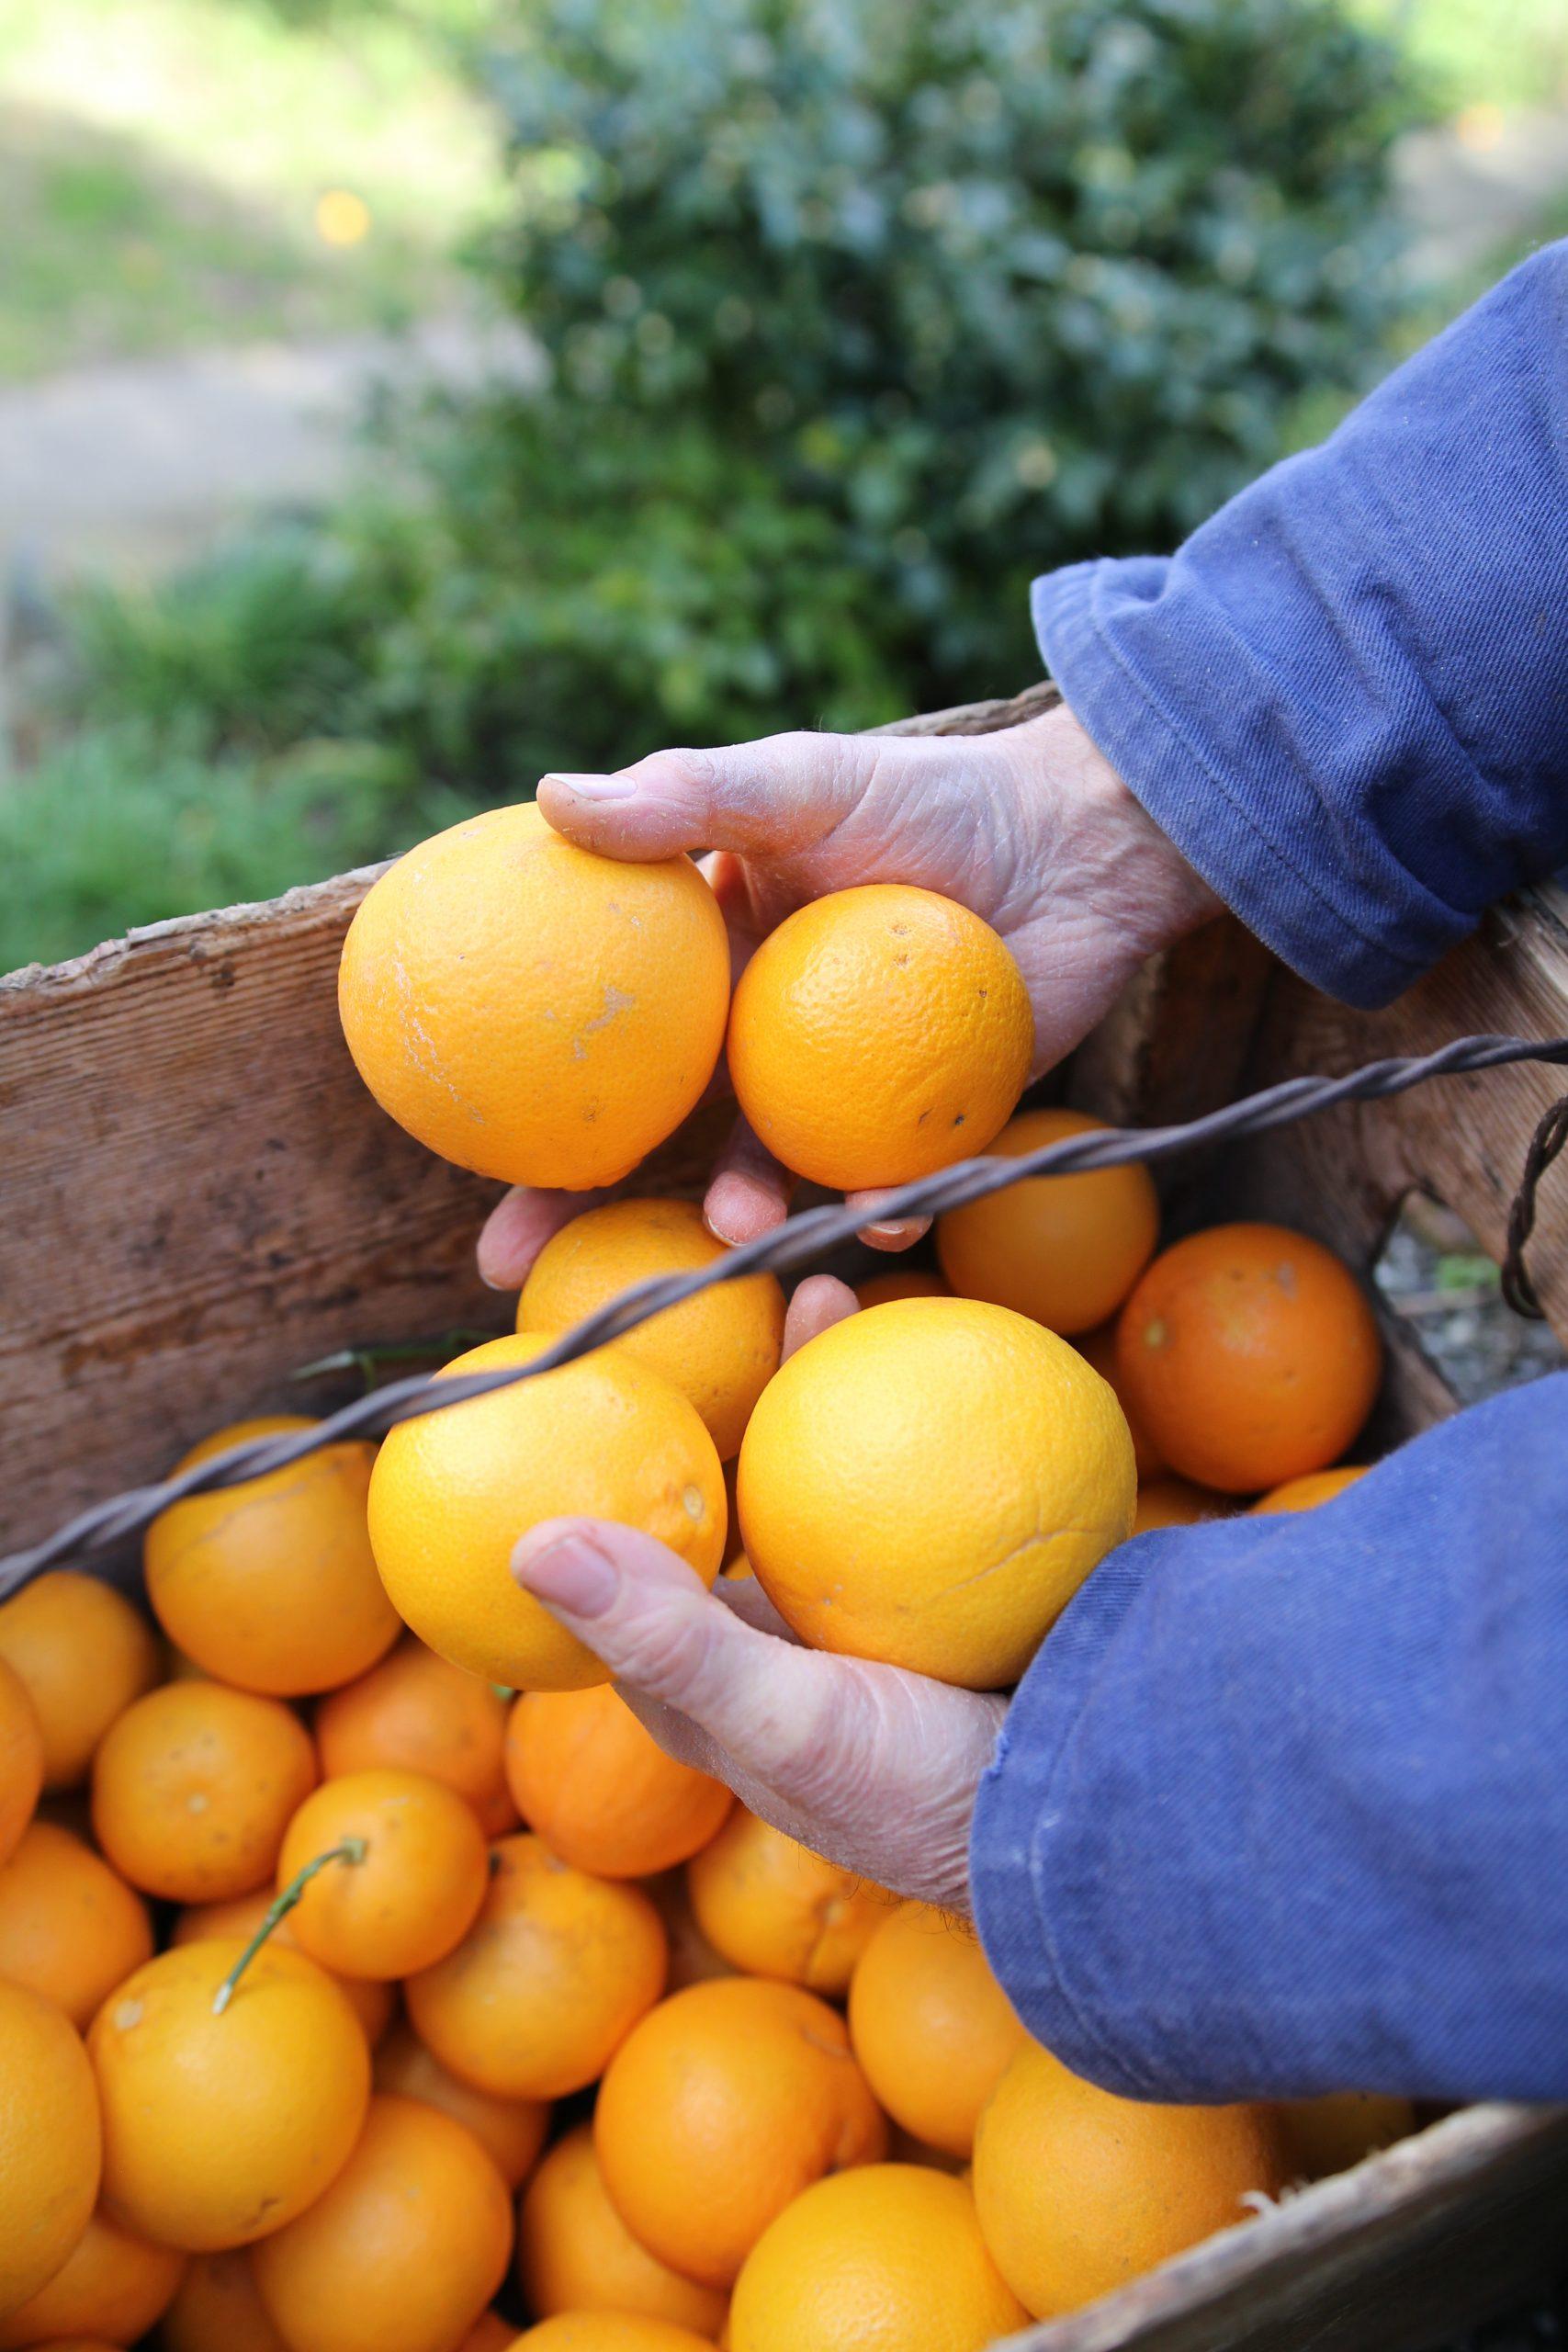 Raccolta delle Arance Tarocco in Sicilia